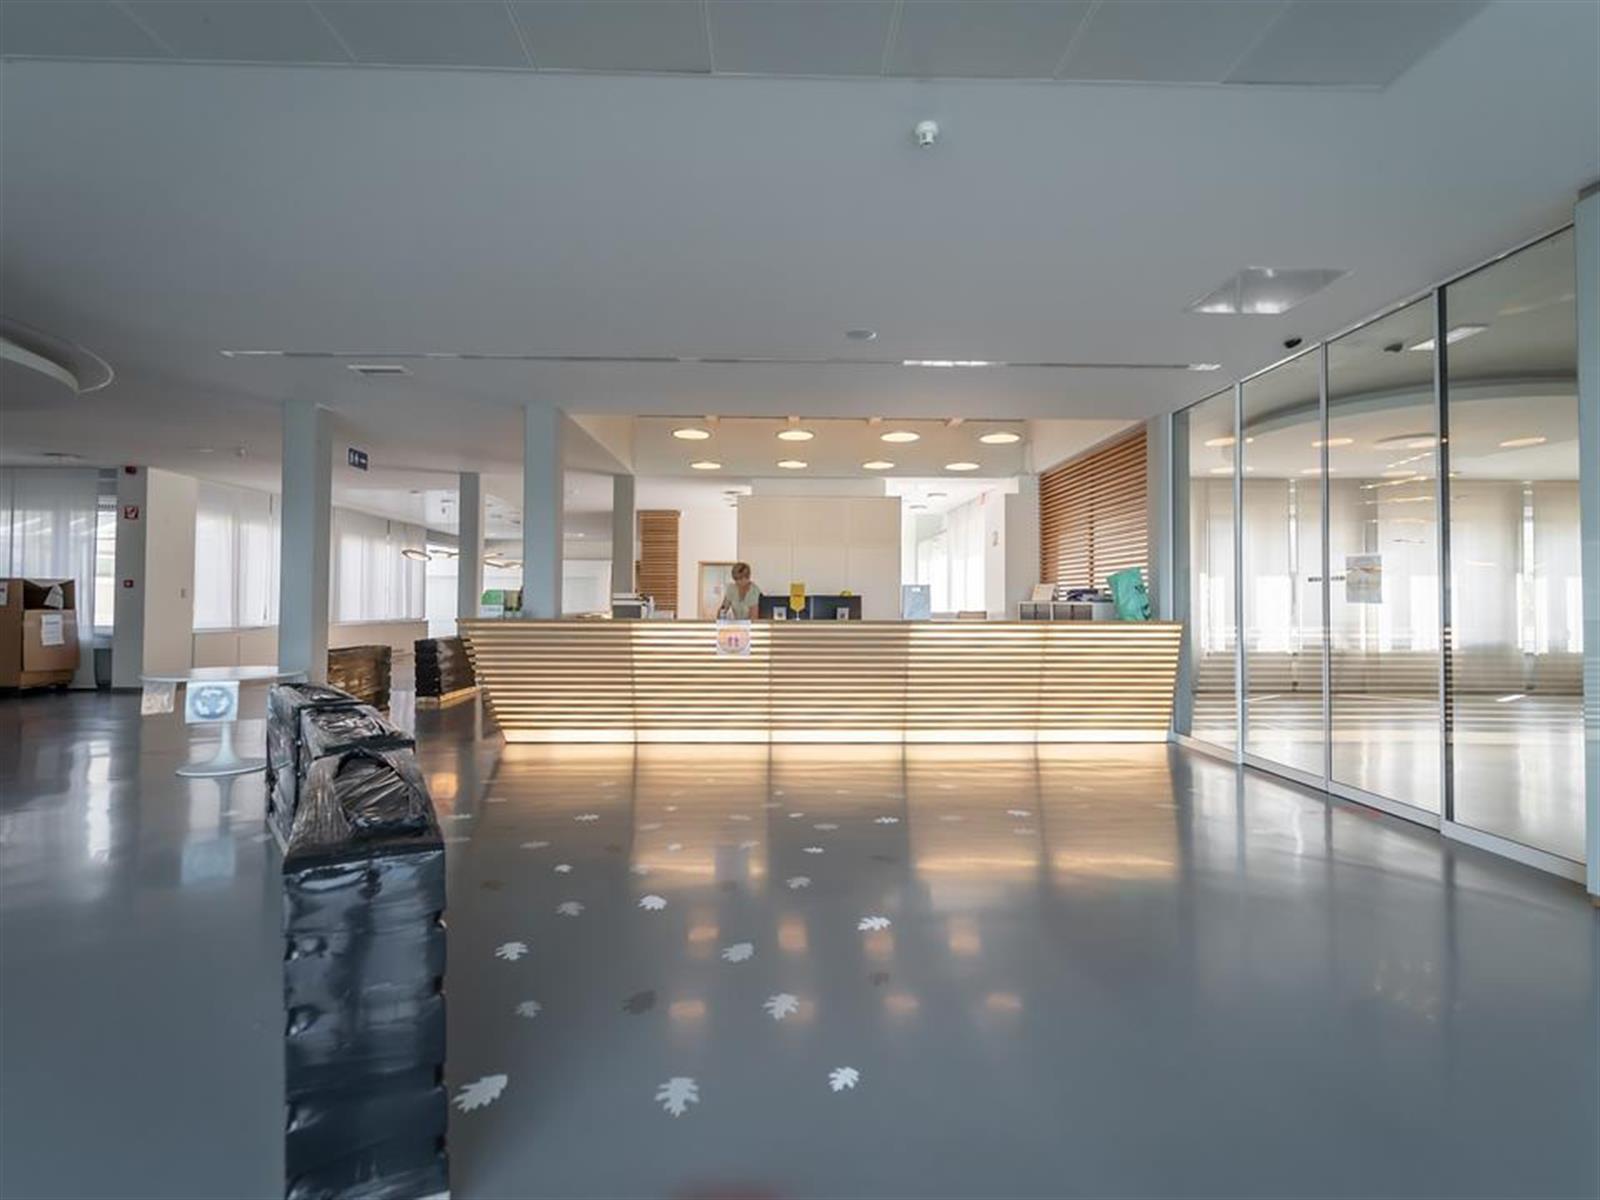 kantoren & magazijn te huur I157 - Satenrozen 11-13, 2550 Kontich, België 3